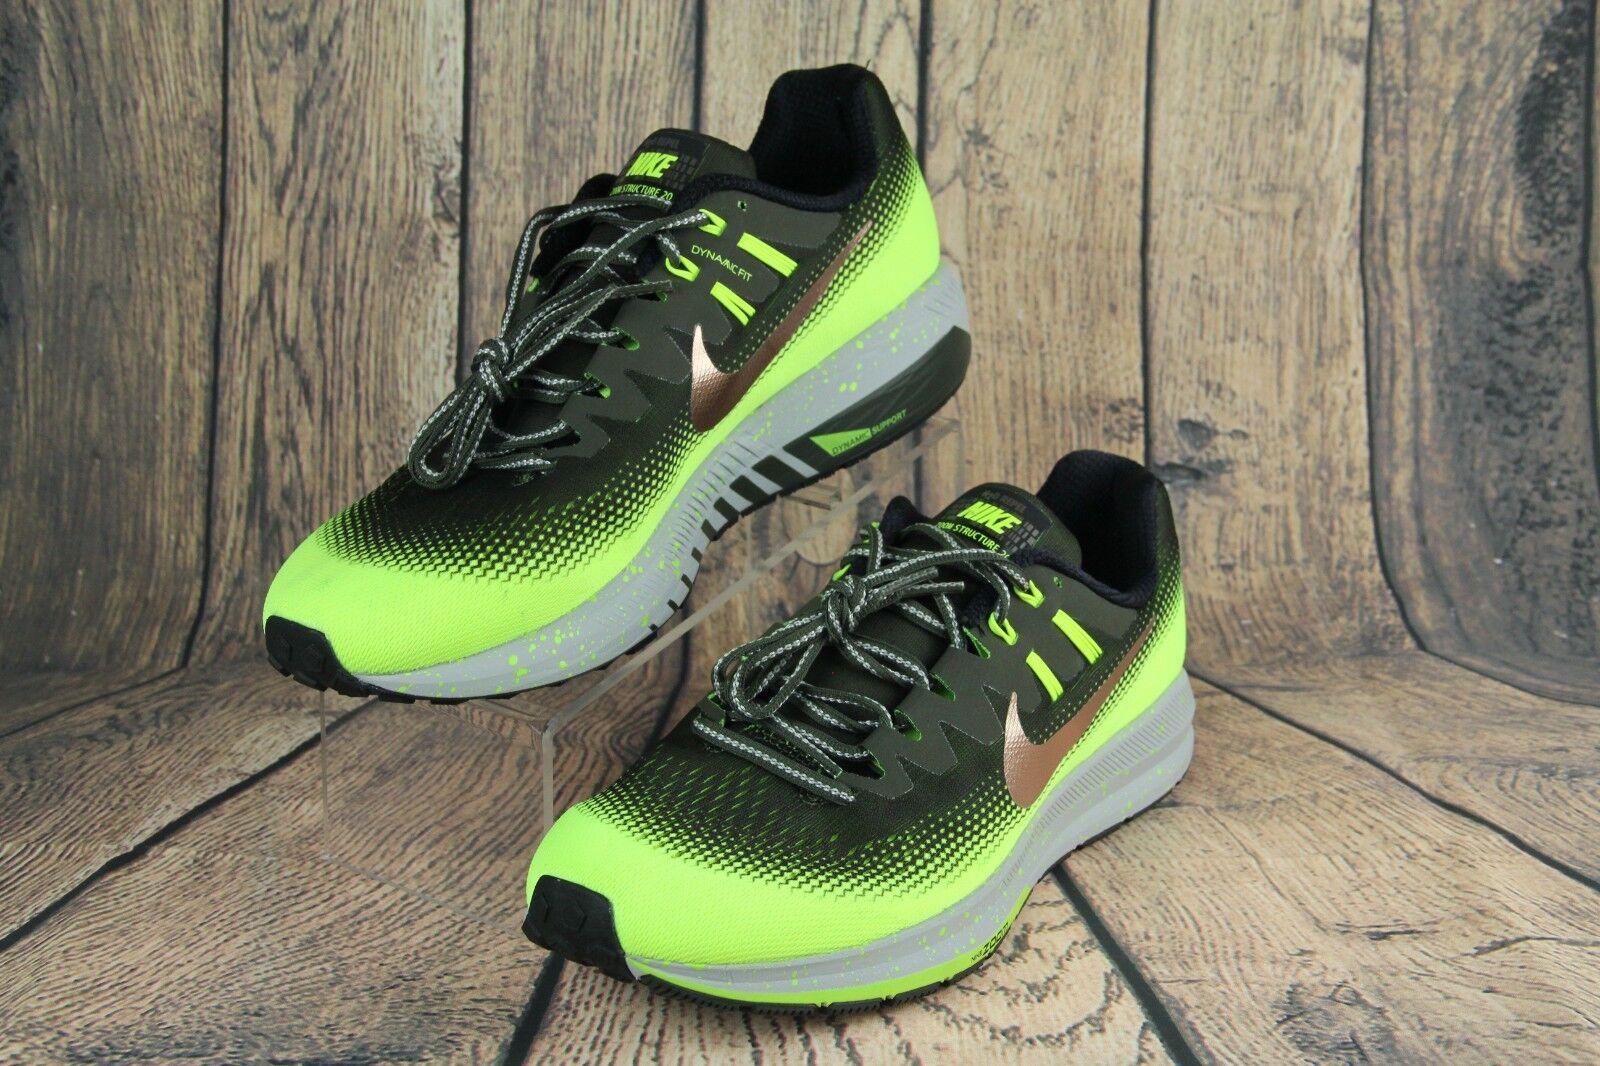 Nike wasserabweisend air zoom struktur 20 schild wasserabweisend Nike grüne bronze 849581-300 männer sz 6d83ab